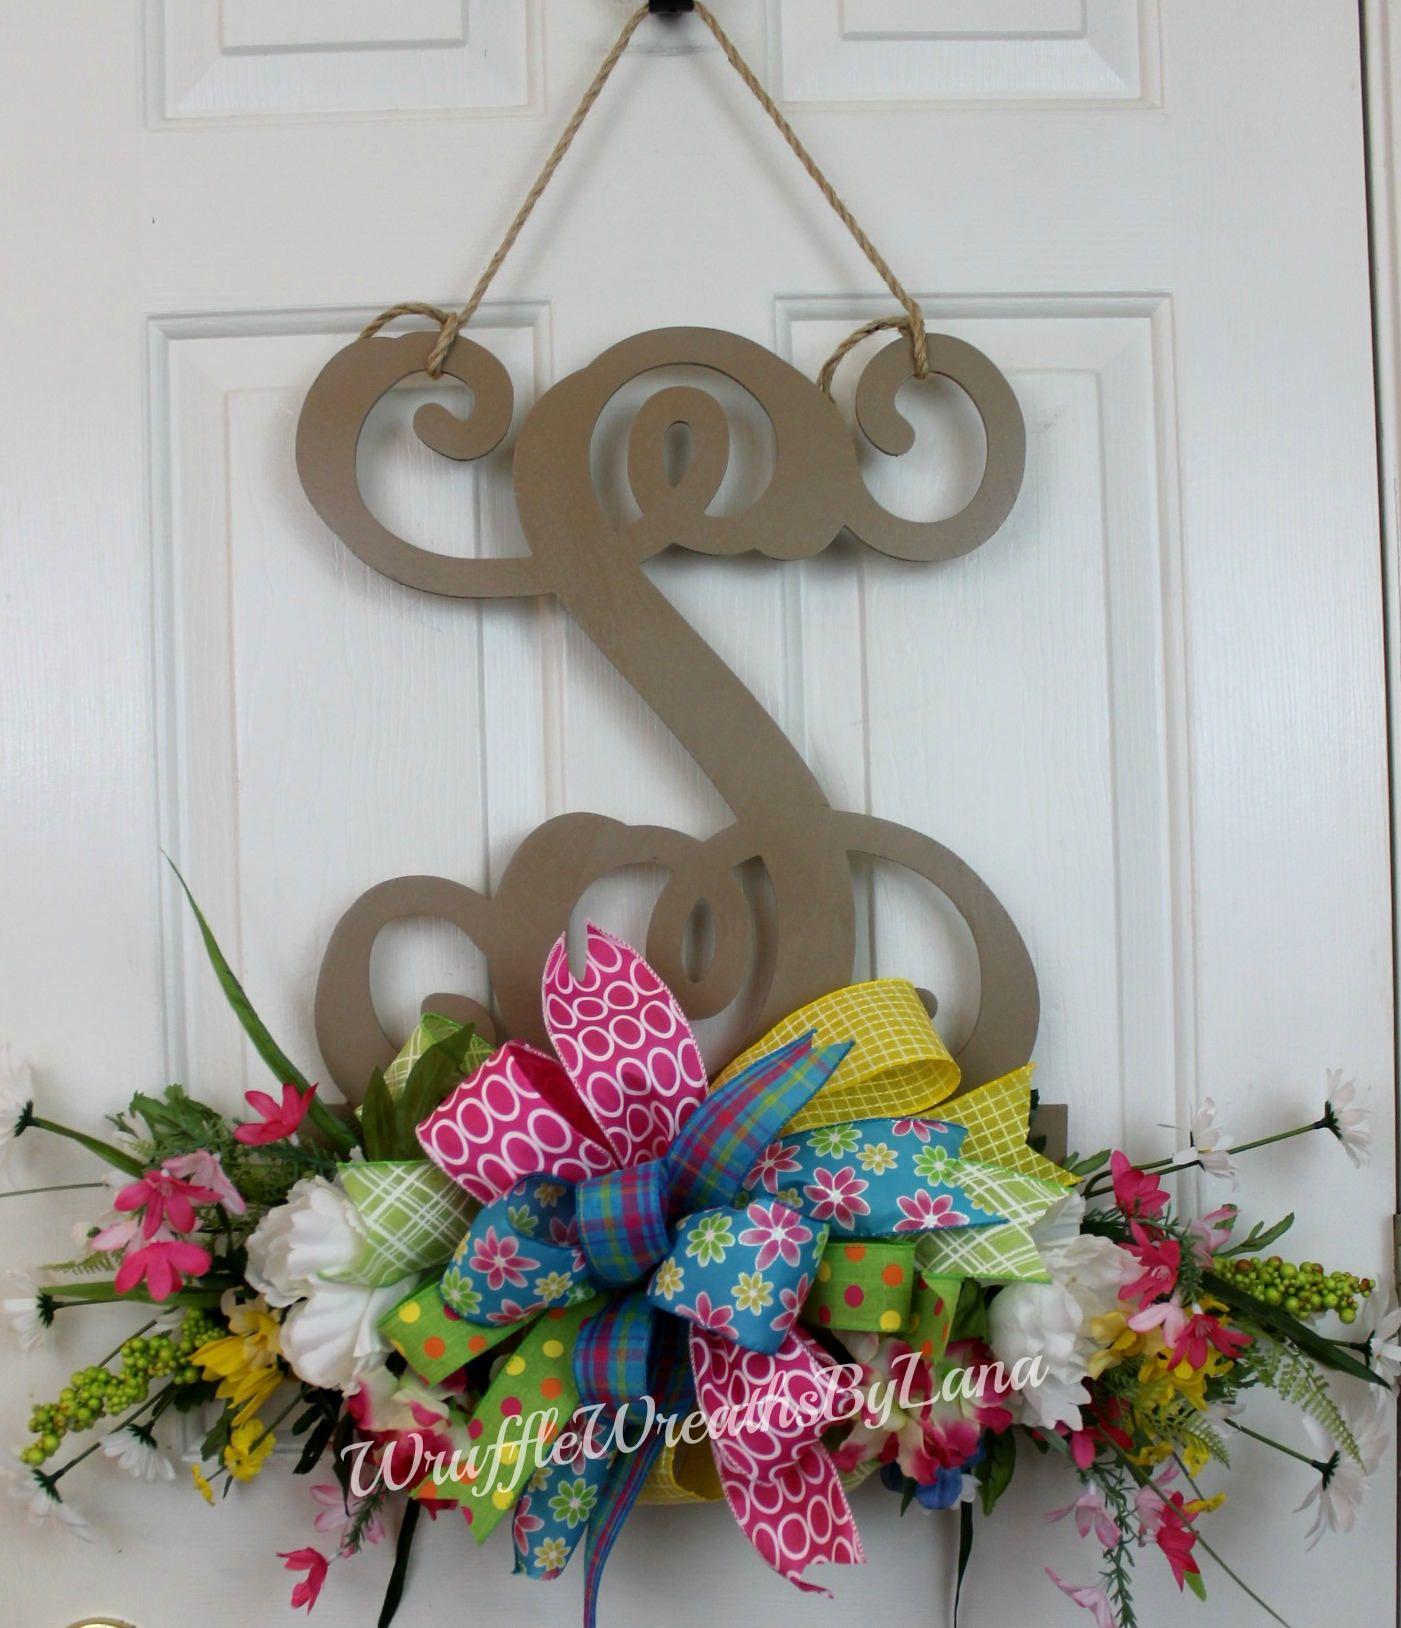 Monogram Door Hanging With Summer Flowers, Summer Door Hanging, Monogram  Front Door Hanging, Monogram Door Wreath, Front Door Wreath